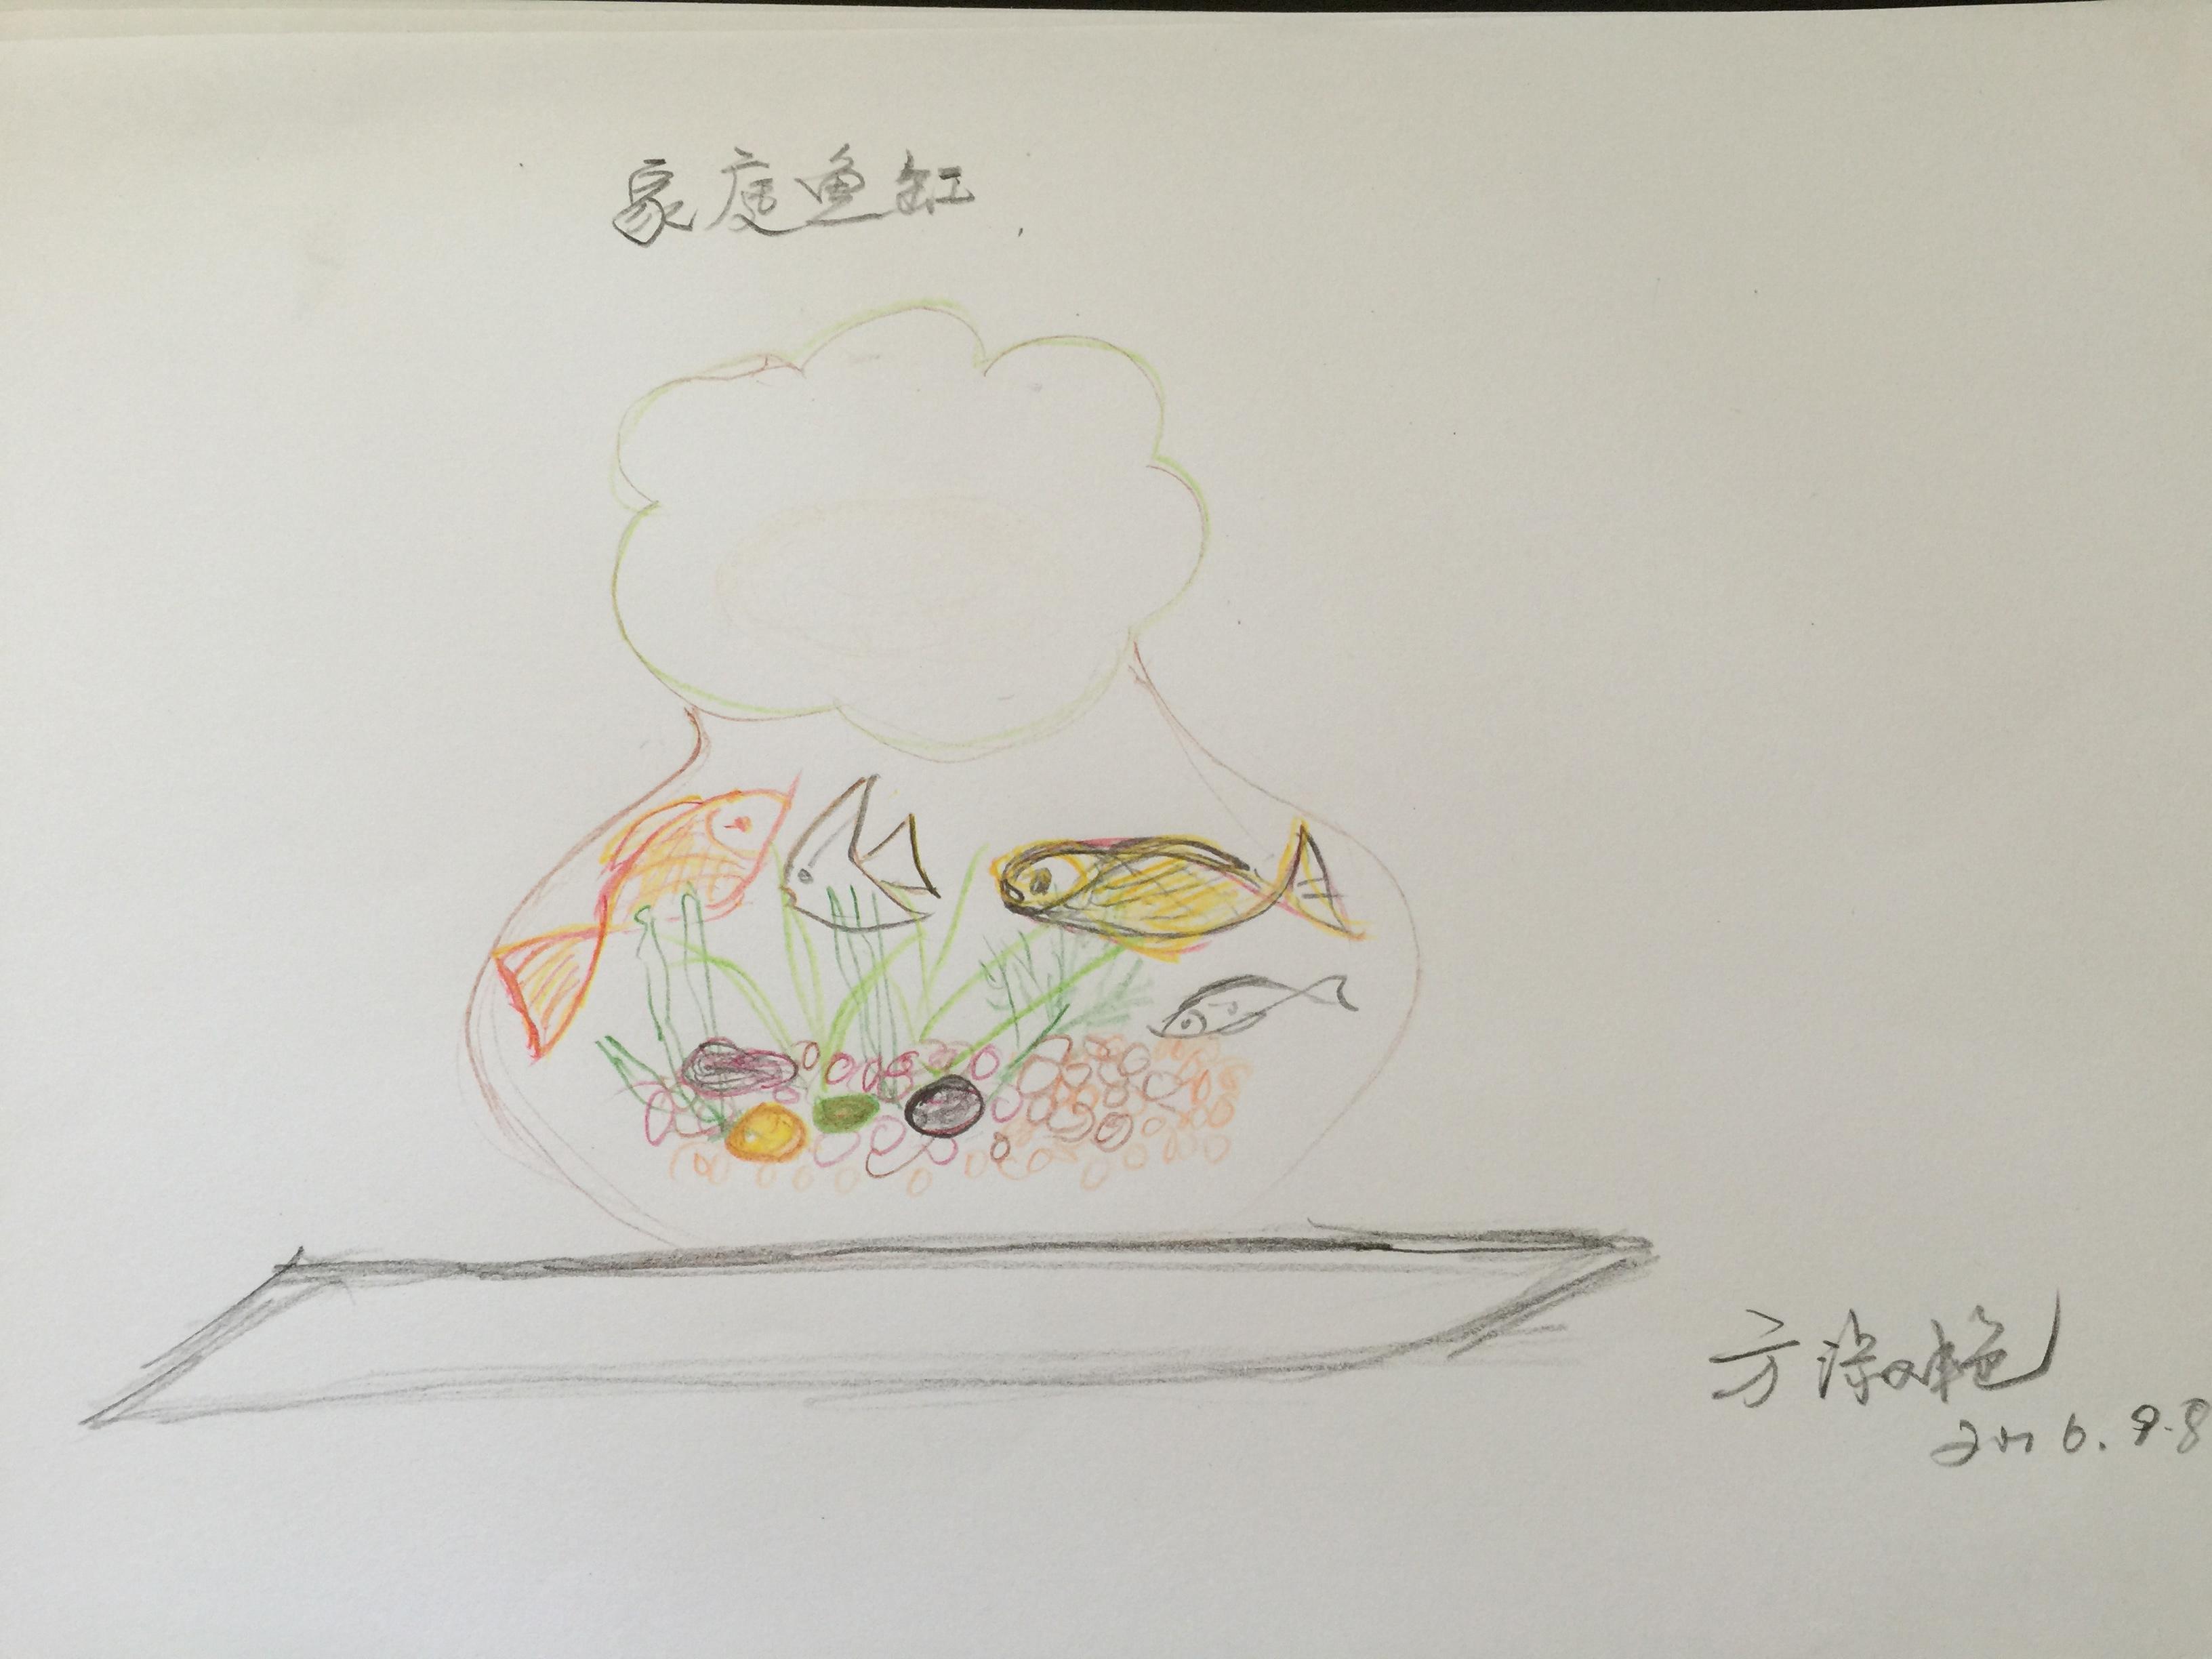 鱼缸里画了水草与石子